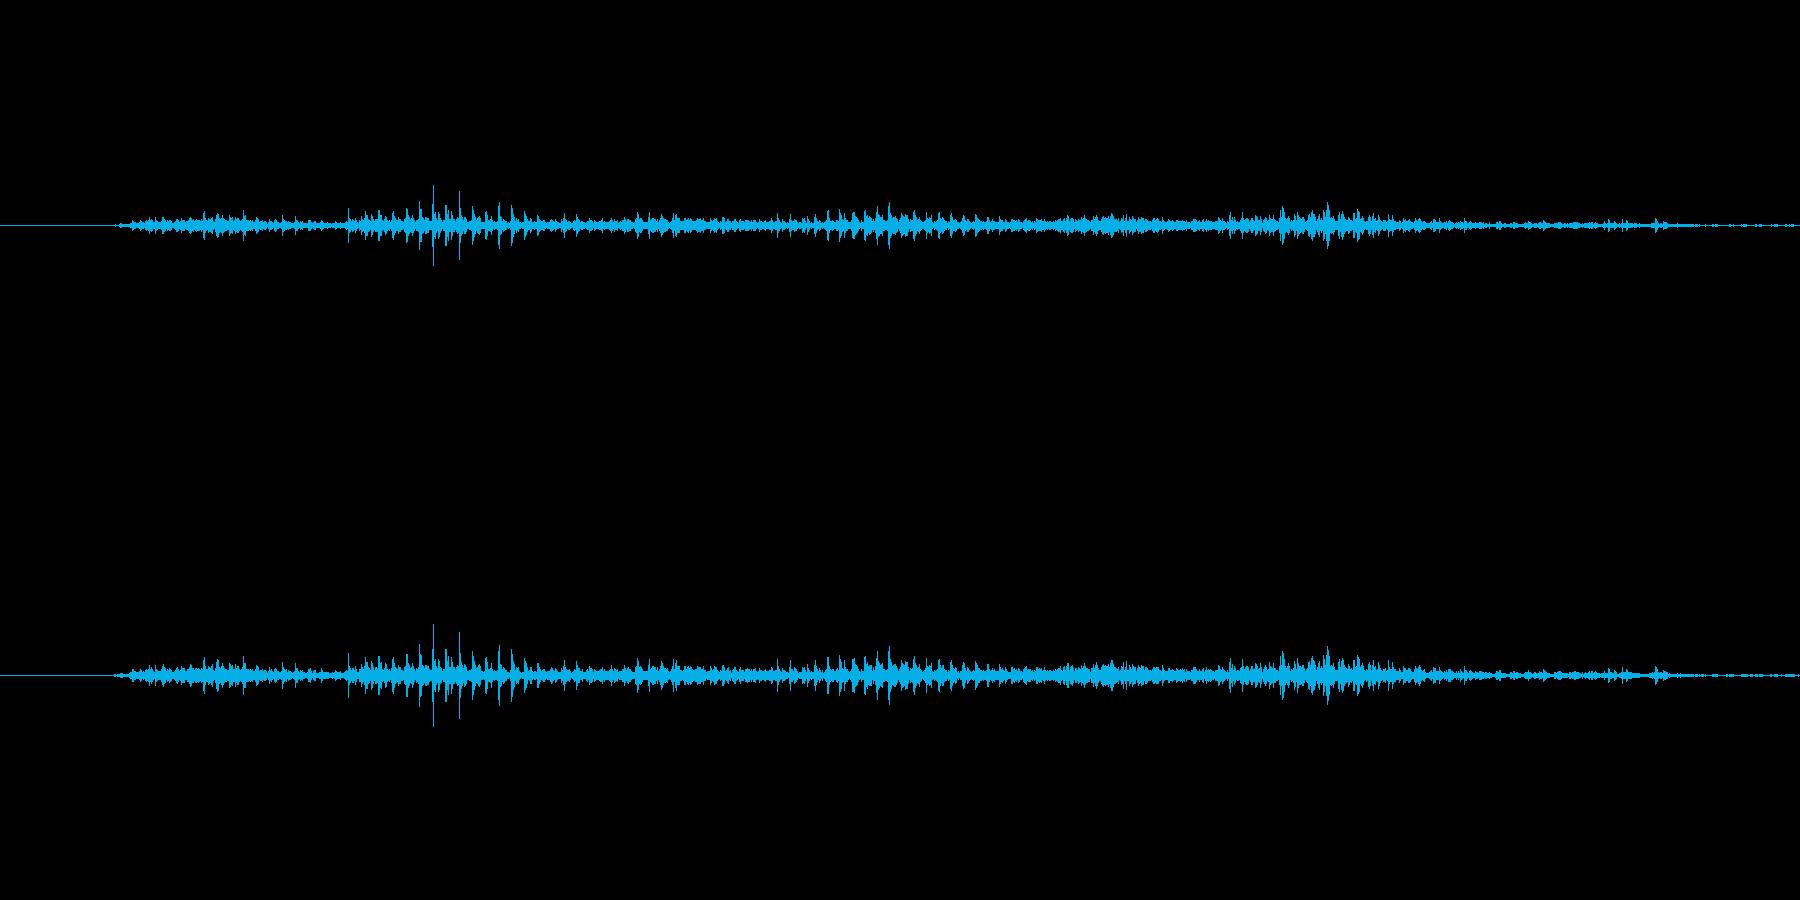 ダイヤルを回す音。カラカラとガラガラの…の再生済みの波形